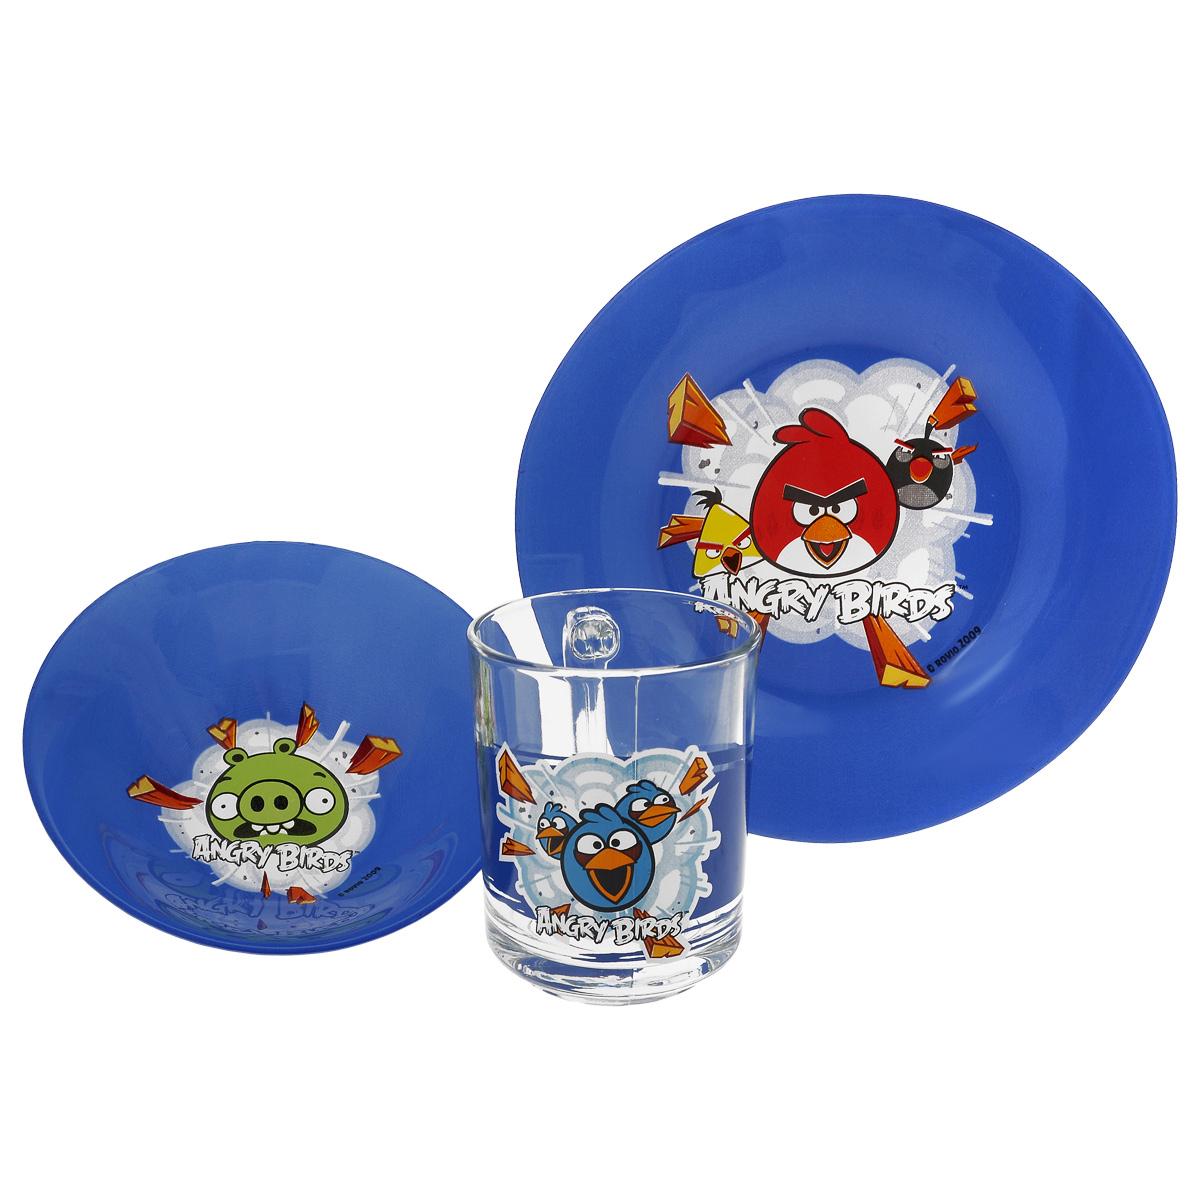 Набор детской посуды Angry Birds, цвет: синий, 3 предметаКРС-290Набор детской посуды Angry Birds, выполненный из стекла, состоит из кружки, тарелки и салатника. Изделия оформлены изображением любимых героев популярного мультфильма Angry Birds. Материалы изделий нетоксичны и безопасны для детского здоровья. Детская посуда удобна и увлекательна для вашего малыша. Привычная еда станет более вкусной и приятной, если процесс кормления сопровождать игрой и сказками о любимых героях. Красочная посуда является залогом хорошего настроения и аппетита ваших детей. Можно мыть в посудомоечной машине. Диаметр тарелка: 19,5 см. Диаметр салатника: 14 см. Высота салатника: 4,5 см. Объем кружки: 250 мл. Диаметр кружки (по верхнему краю): 7 см. Высота кружки: 9,5 см.